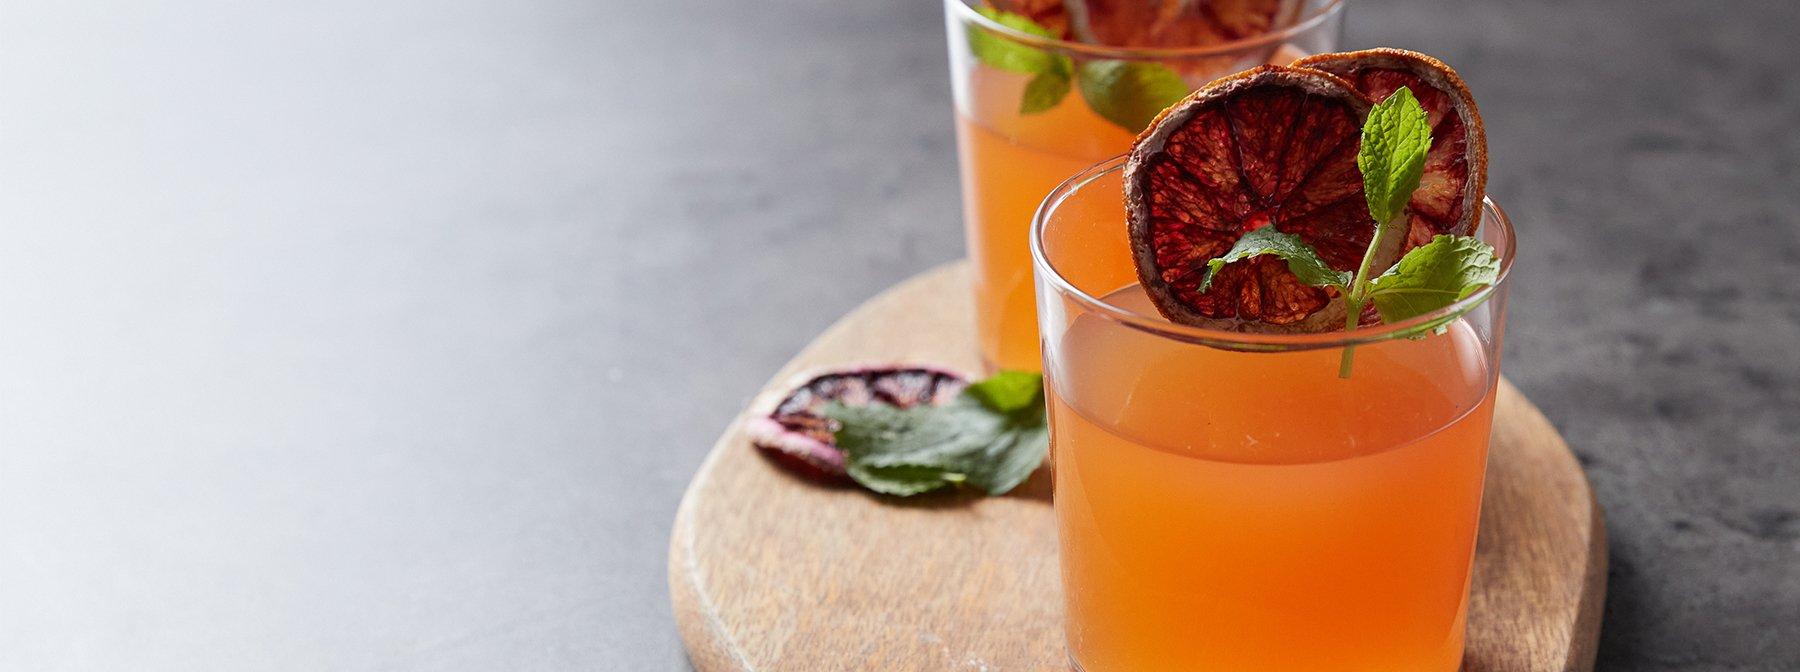 Желе с ВСАА со вкусом красного апельсина | Рецепты со всего мира